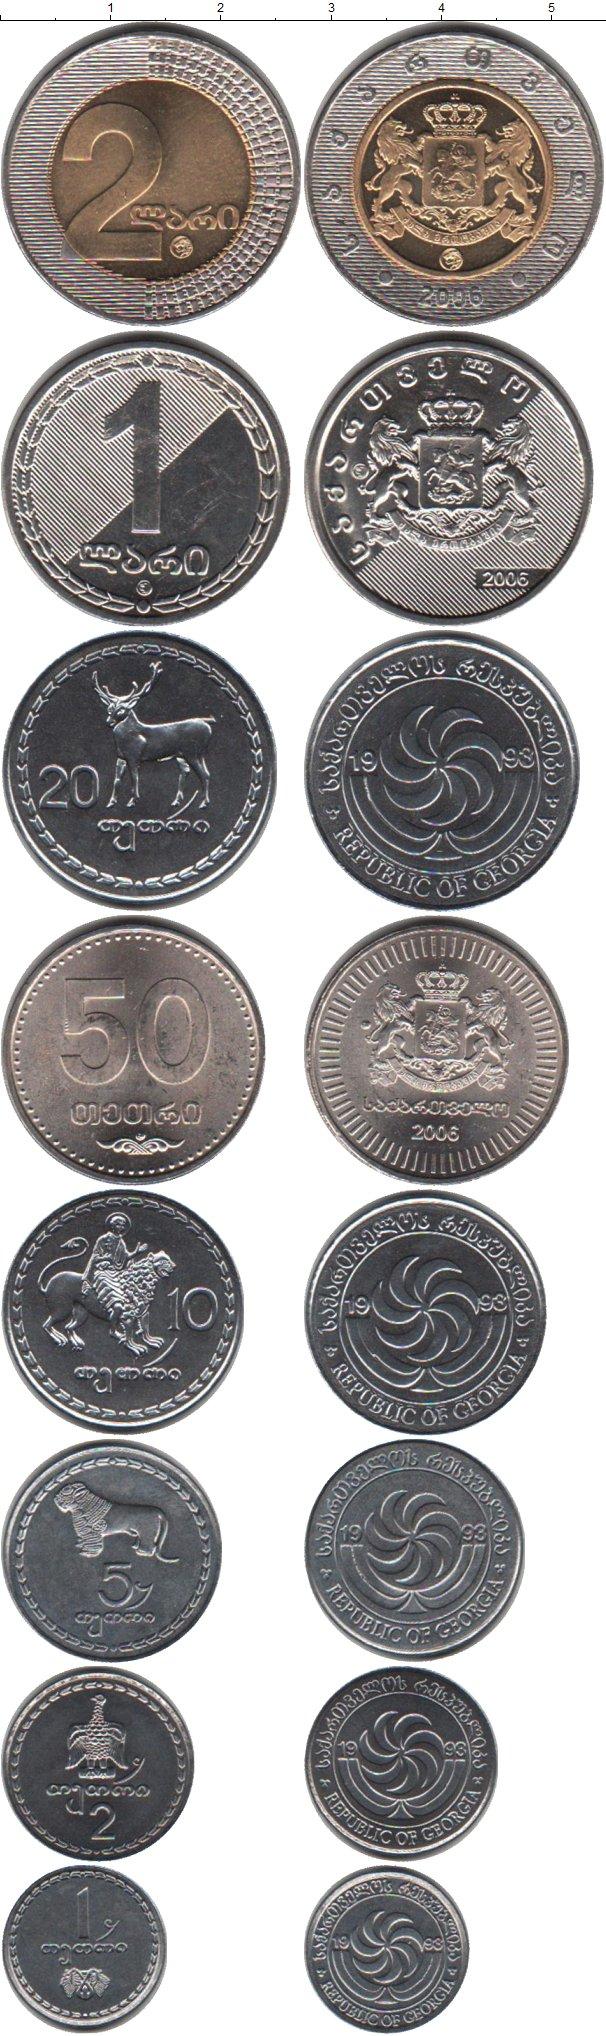 Картинка Наборы монет Грузия Грузия 1993-2006  0